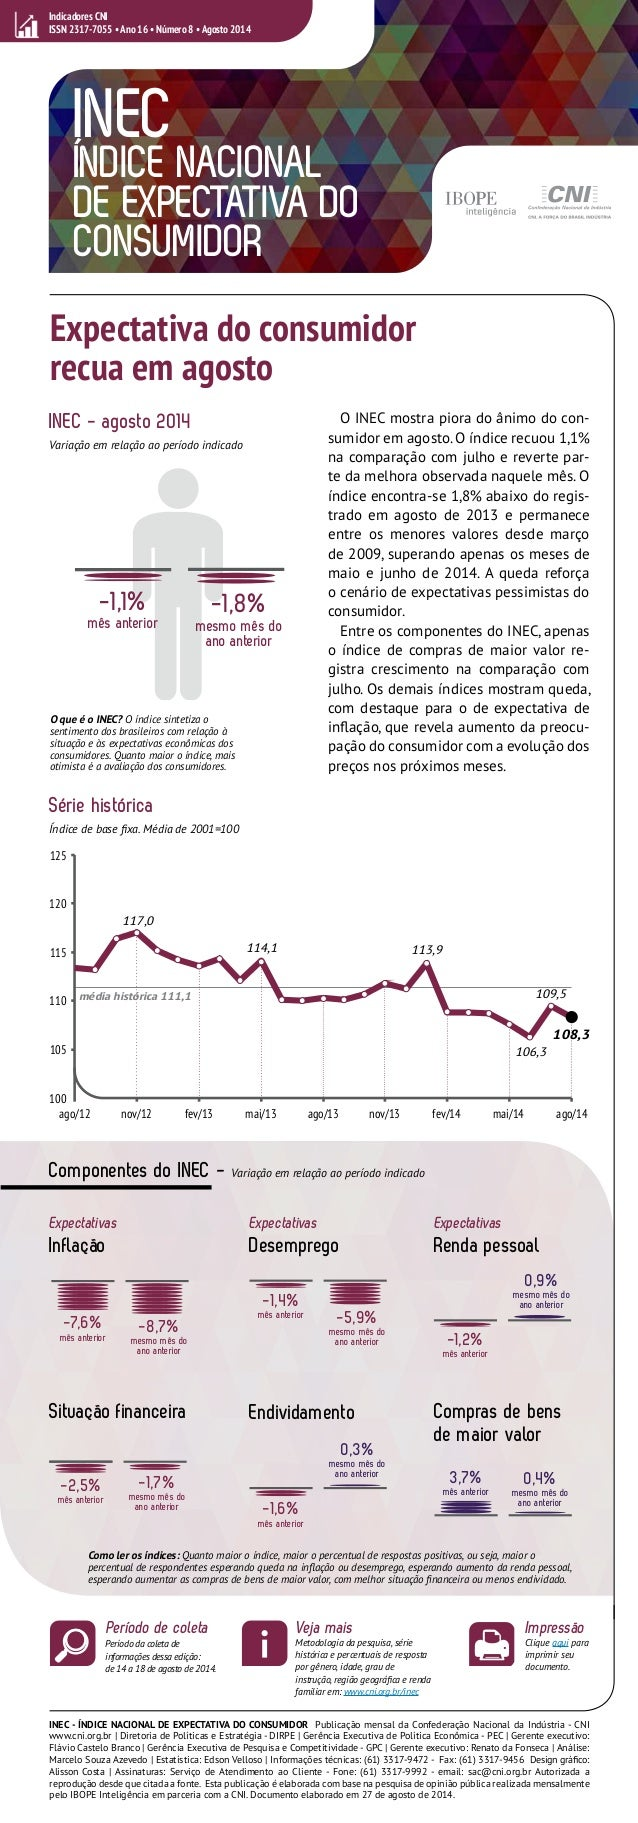 Indicadores CNI  ISSN 2317-7055 • Ano 16 • Número 8 • Agosto 2014  INEC  ÍNDICE NACIONAL  DE EXPECTATIVA DO  CONSUMIDOR  E...